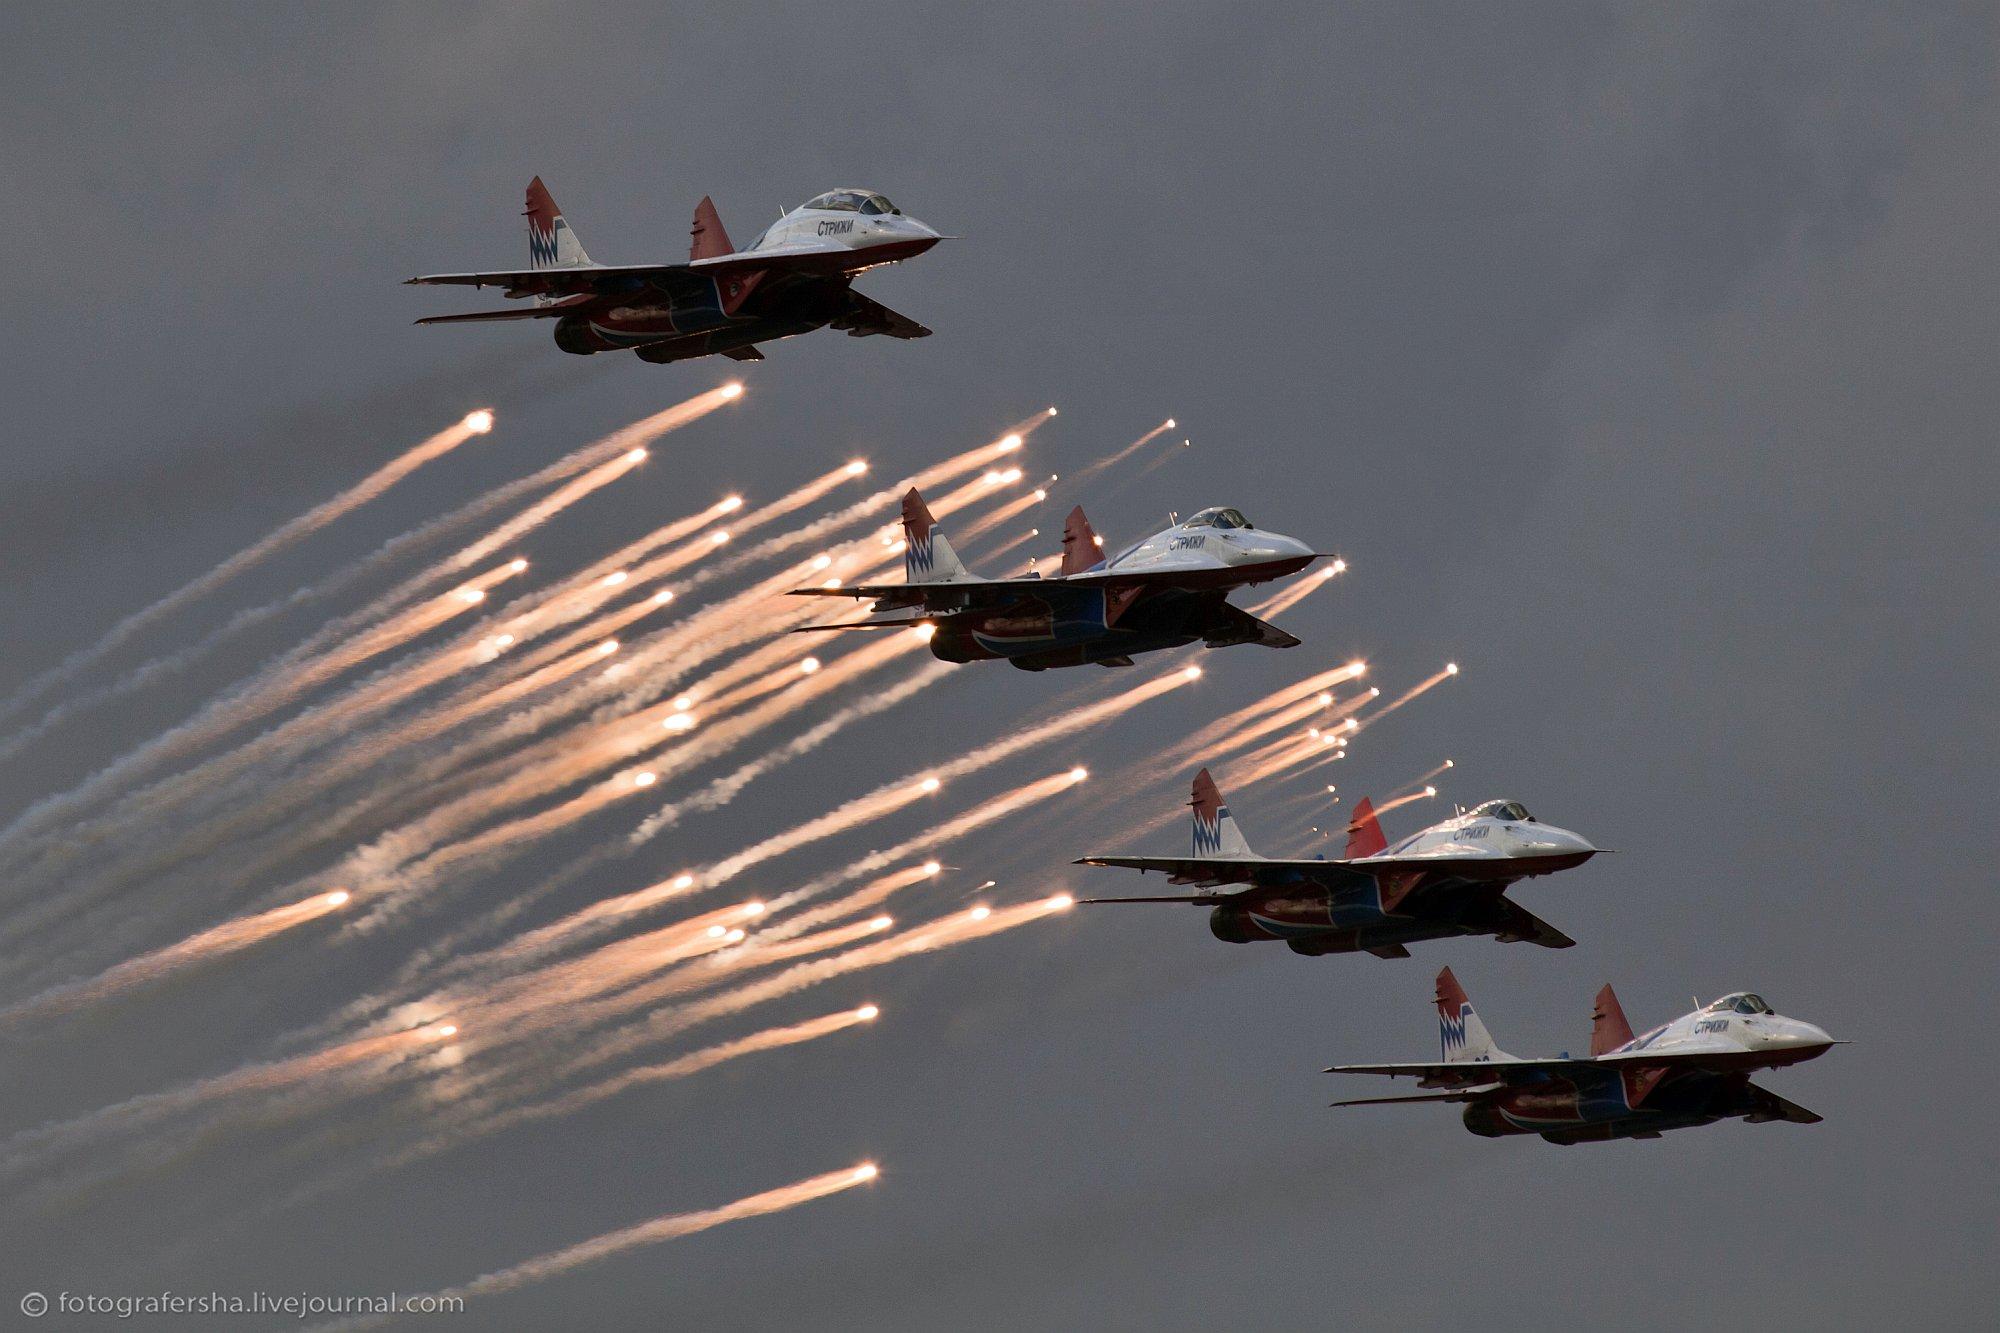 Над Балтийским морем замечена большая группа военных российских самолетов